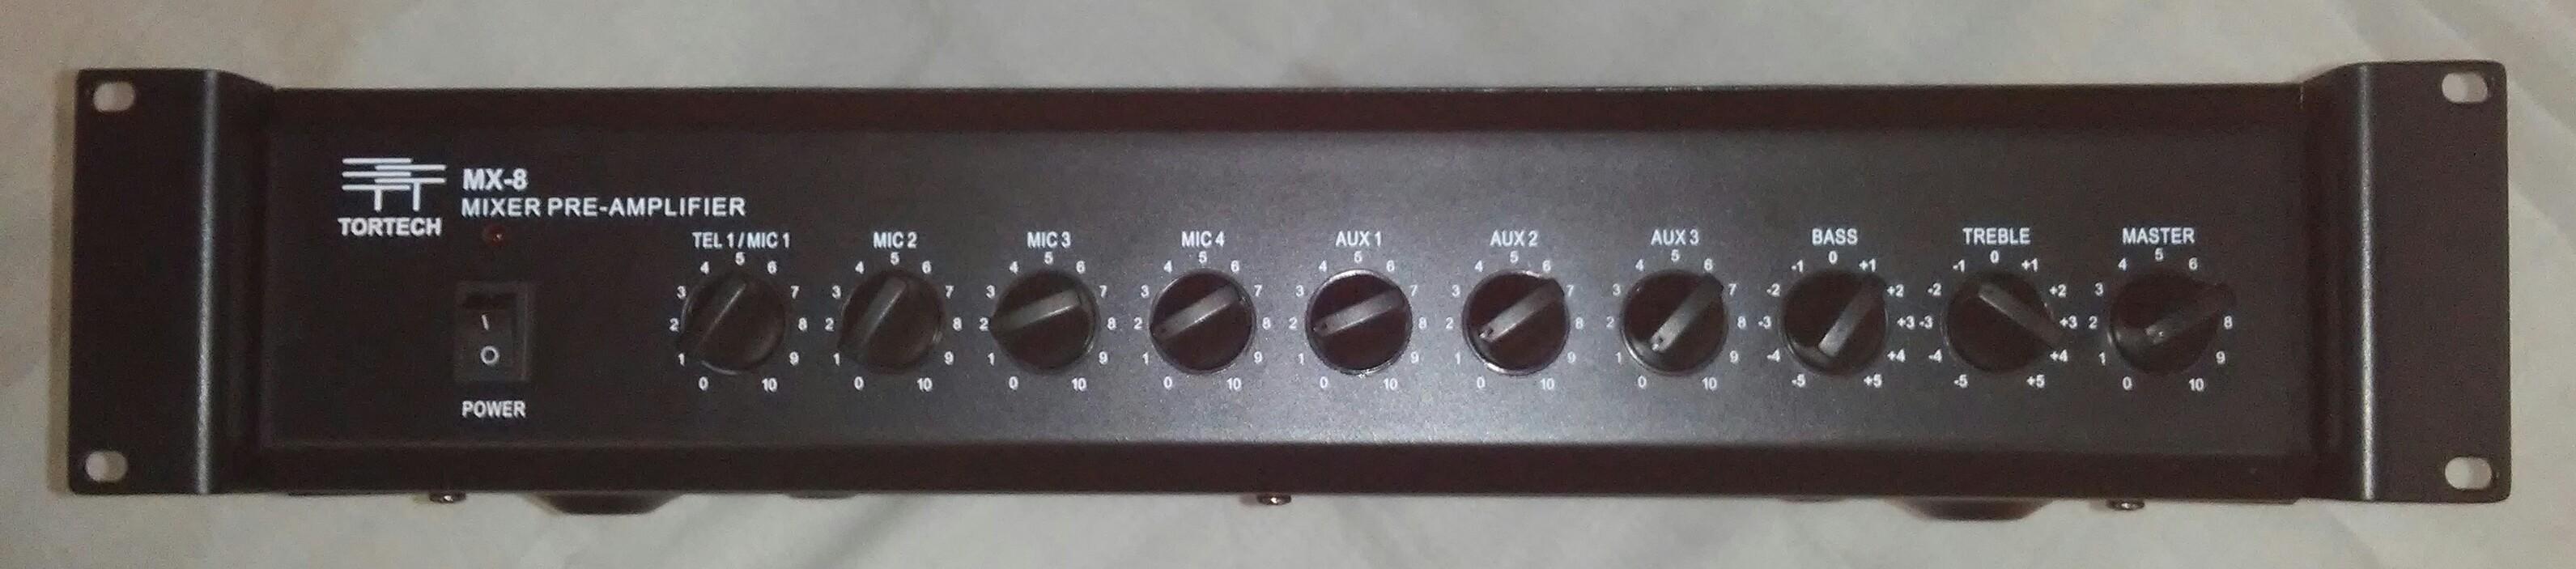 MX8   8 Channel Mixer / Pre-Amp